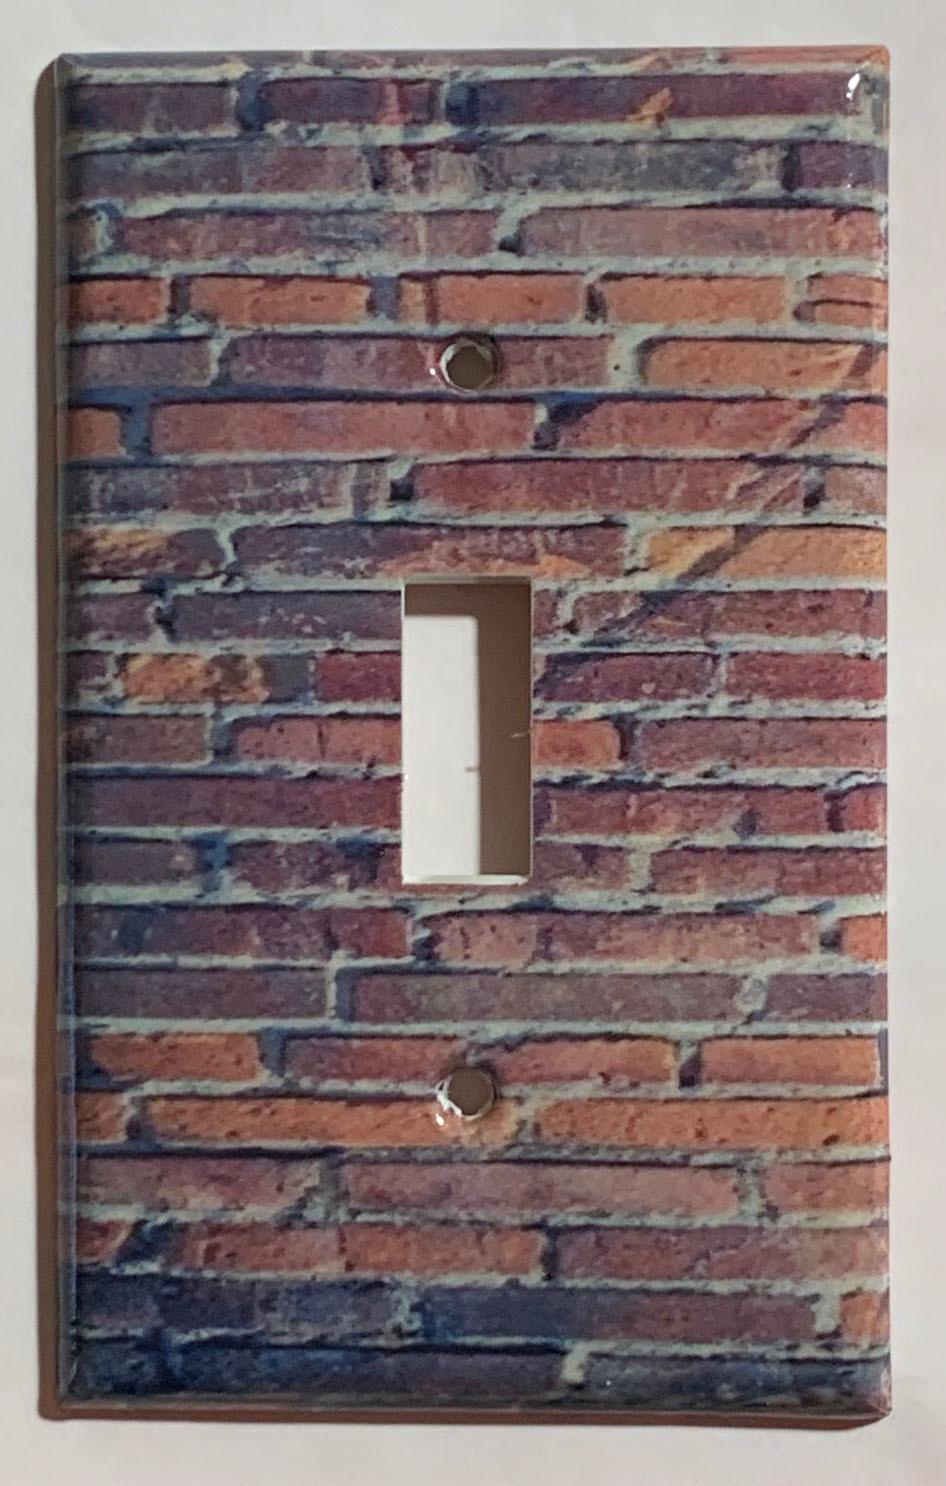 Brick pattern single toggle